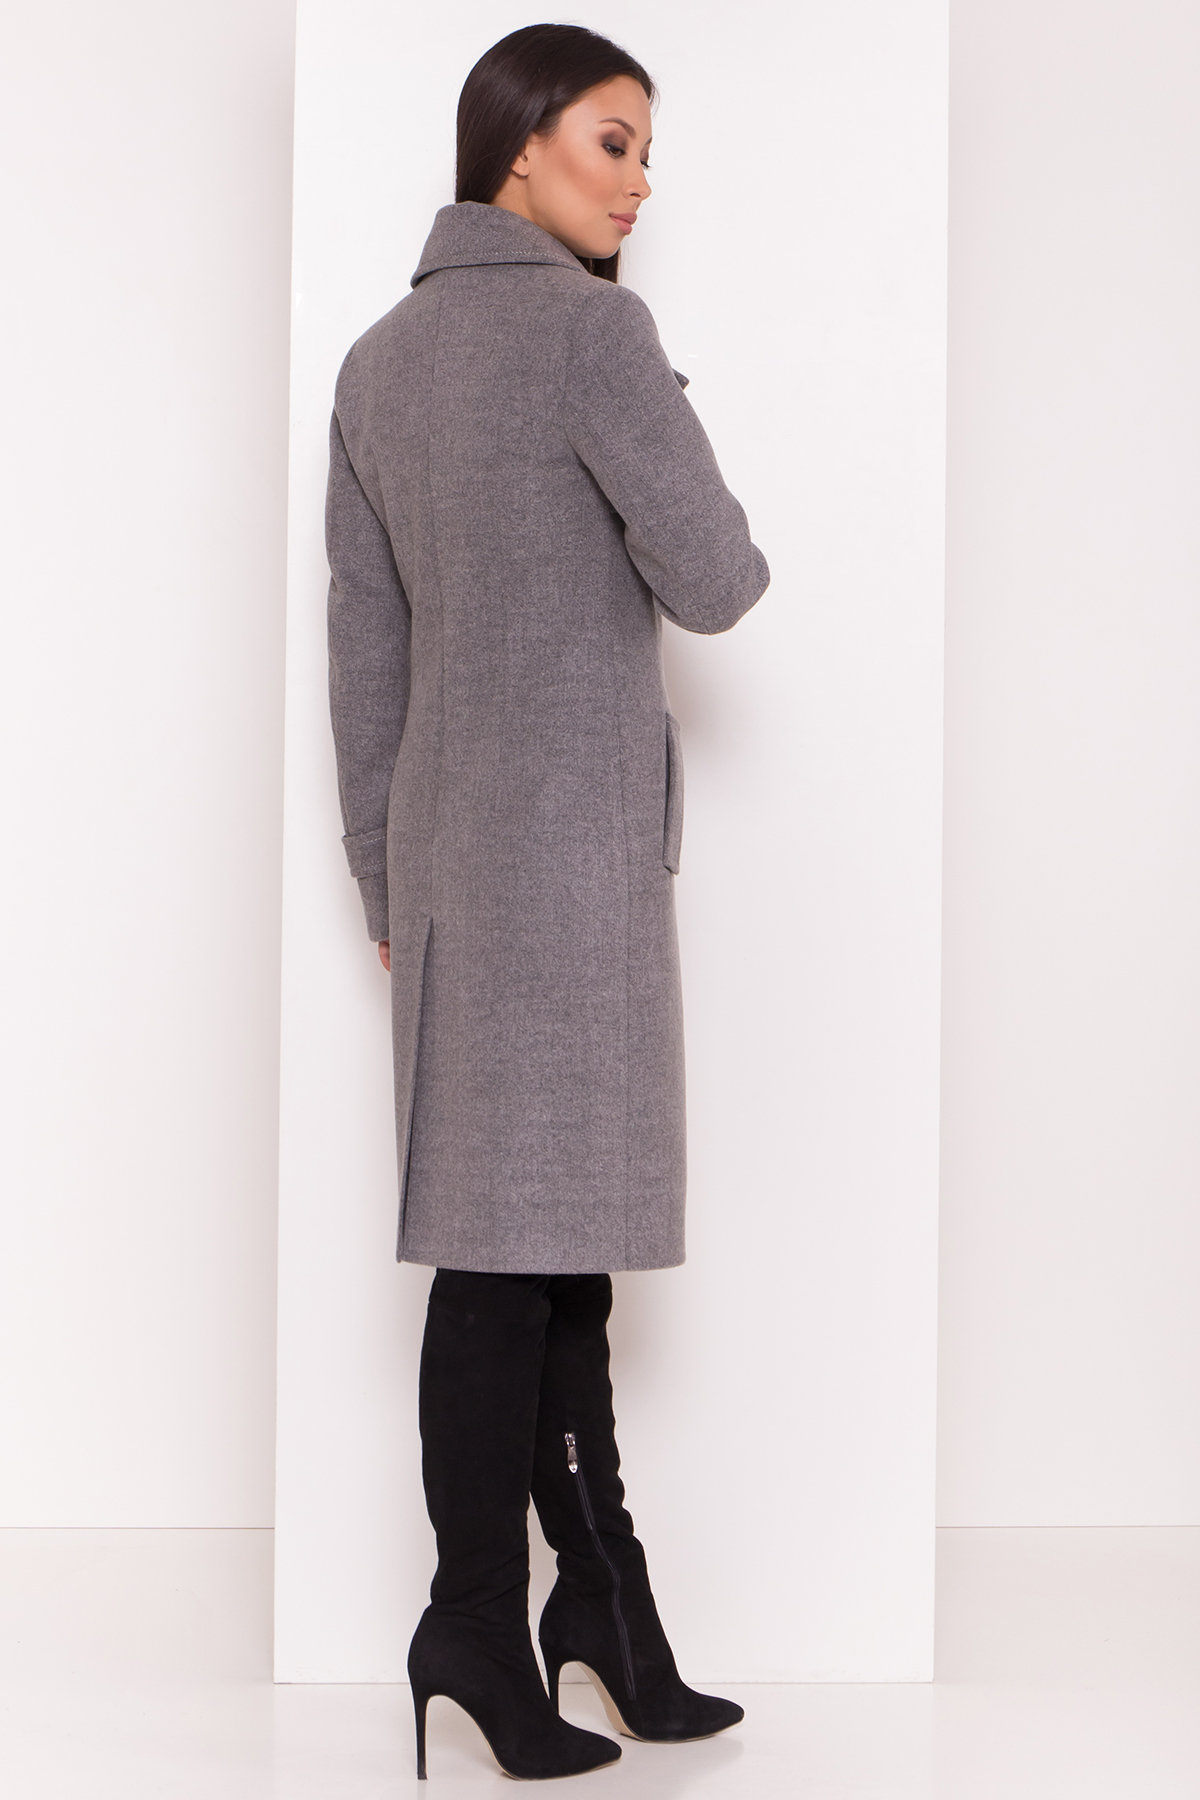 Элегантное пальто со съемным поясом Монте 8087 АРТ. 44029 Цвет: Серый 18 - фото 4, интернет магазин tm-modus.ru